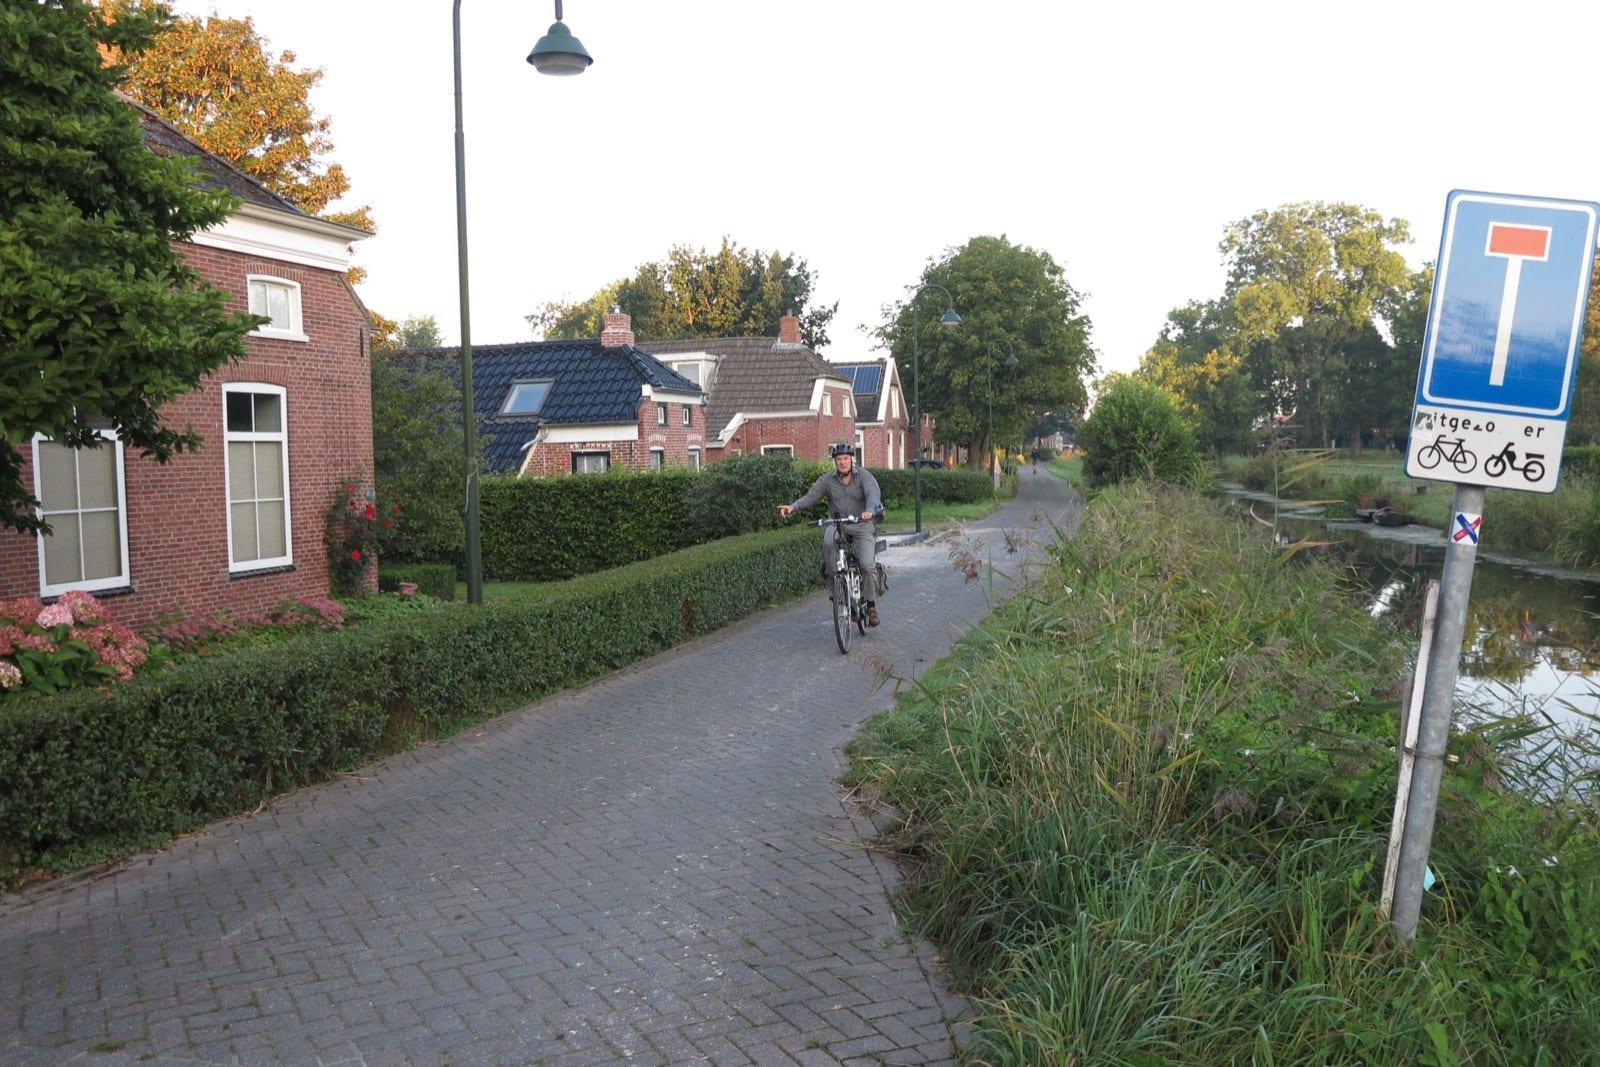 et-fiets-en-fietser-66-hatta-oi.jpg